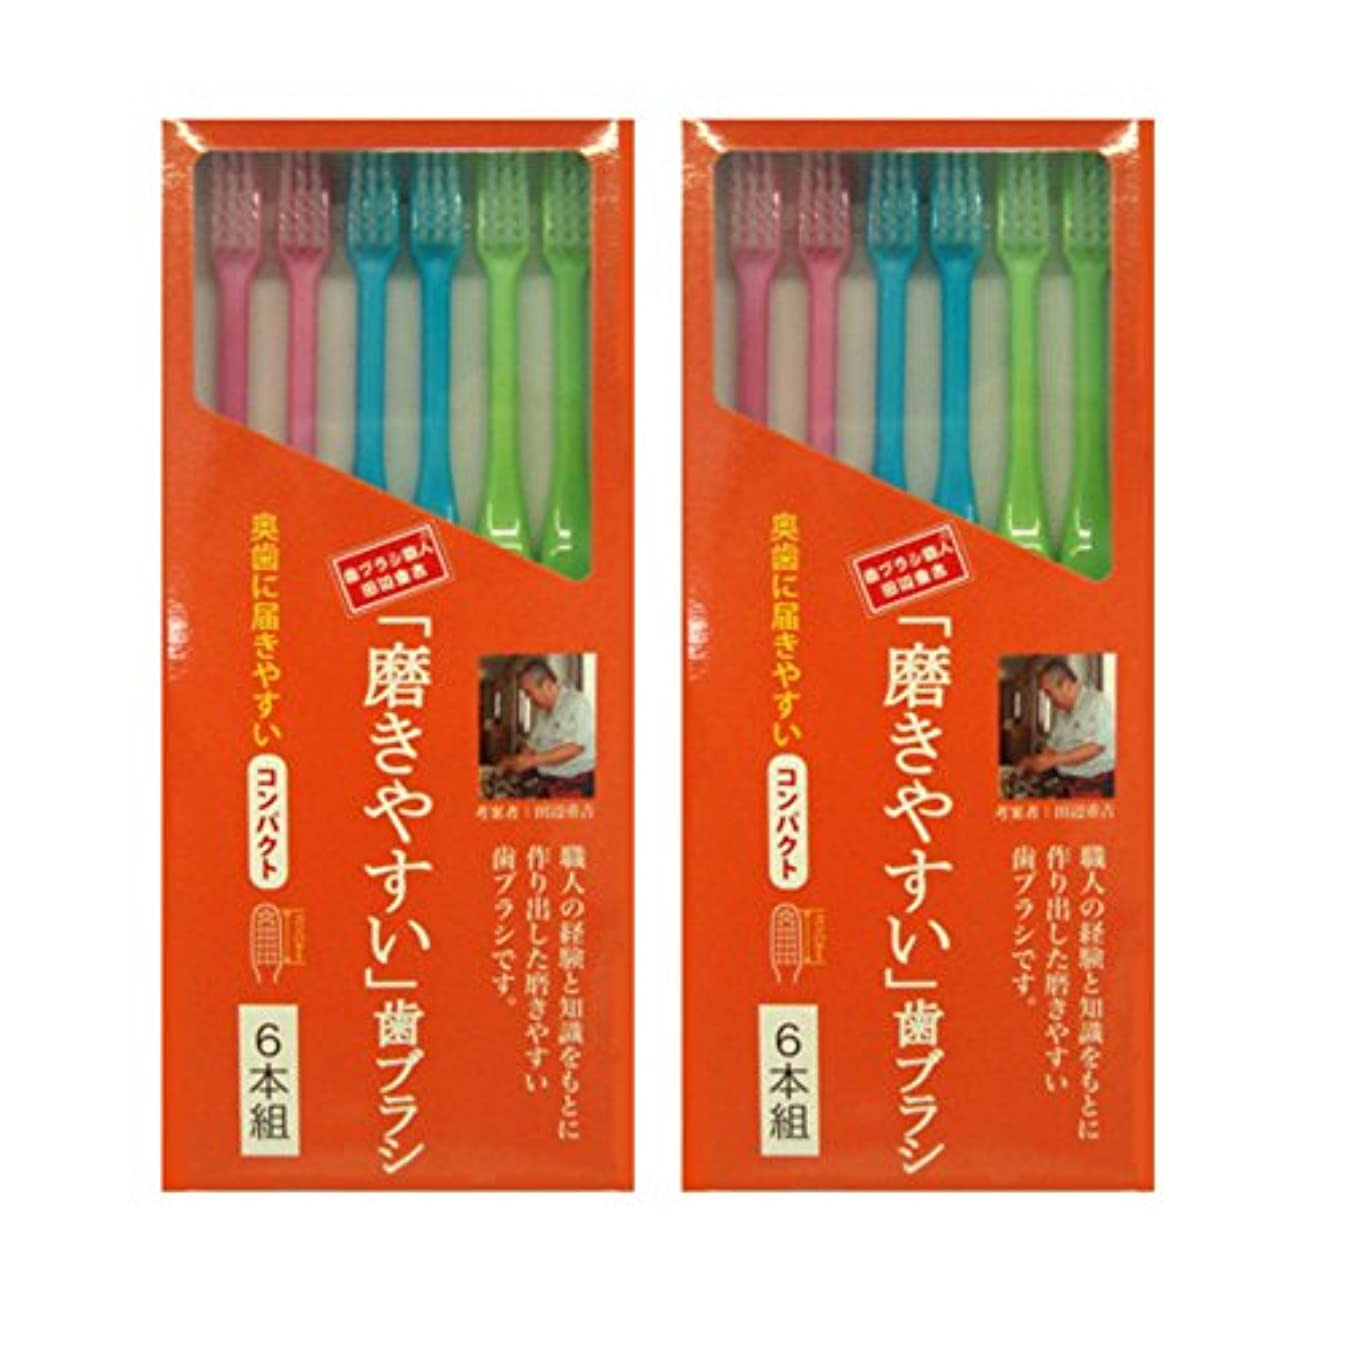 予約グローバルアカウント磨きやすい歯ブラシ コンパクトタイプ 6本組×2個セット (計12本)